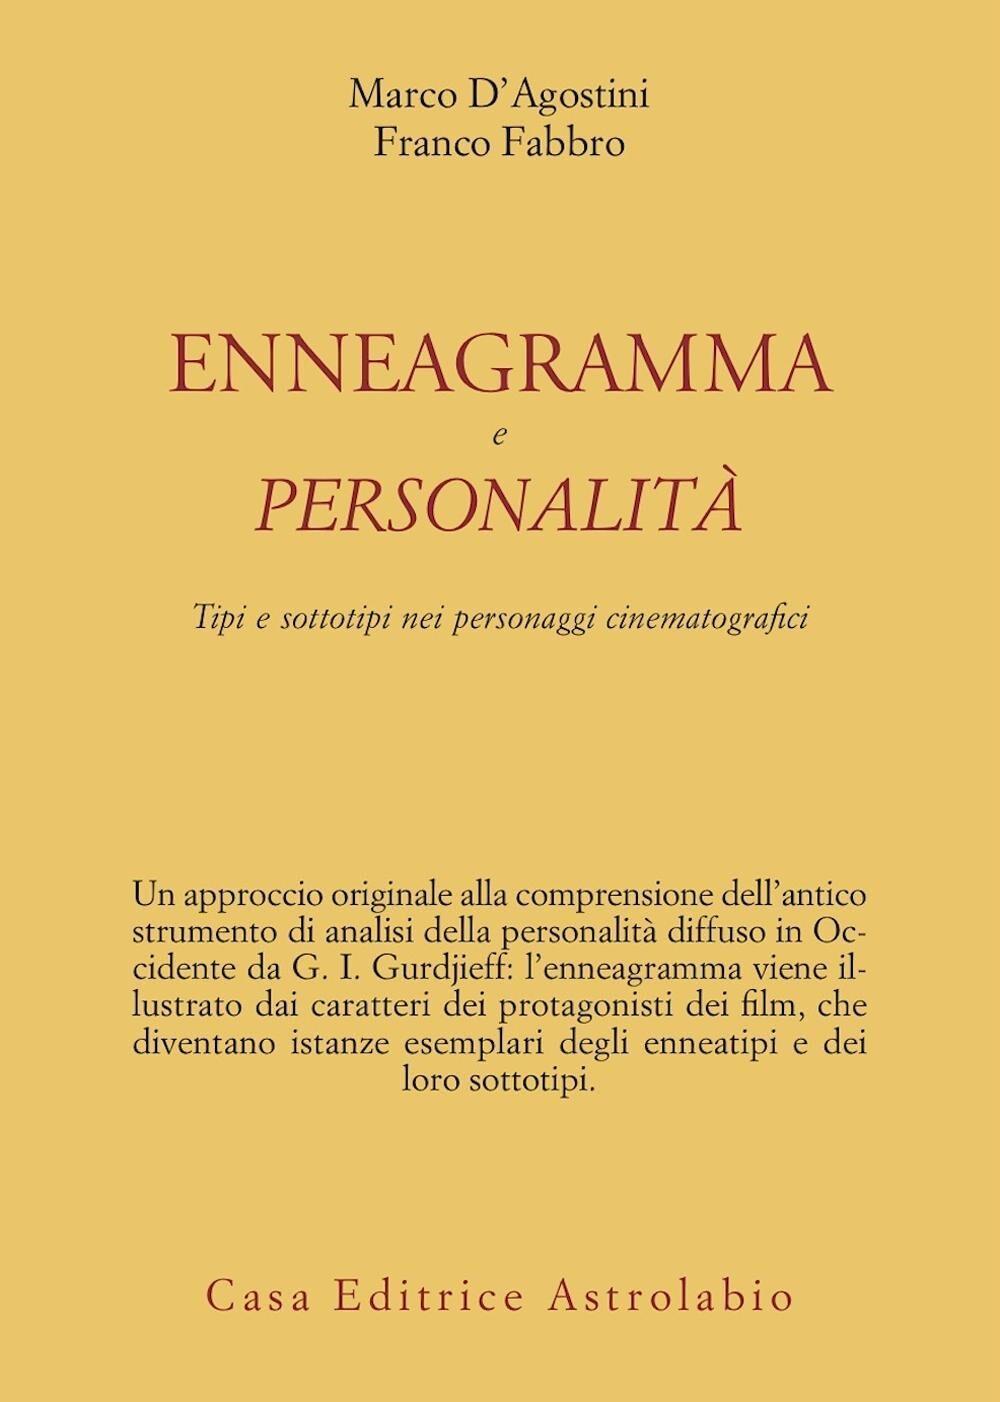 Enneagramma e personalità. Tipi e sottotipi nei personaggi dei film